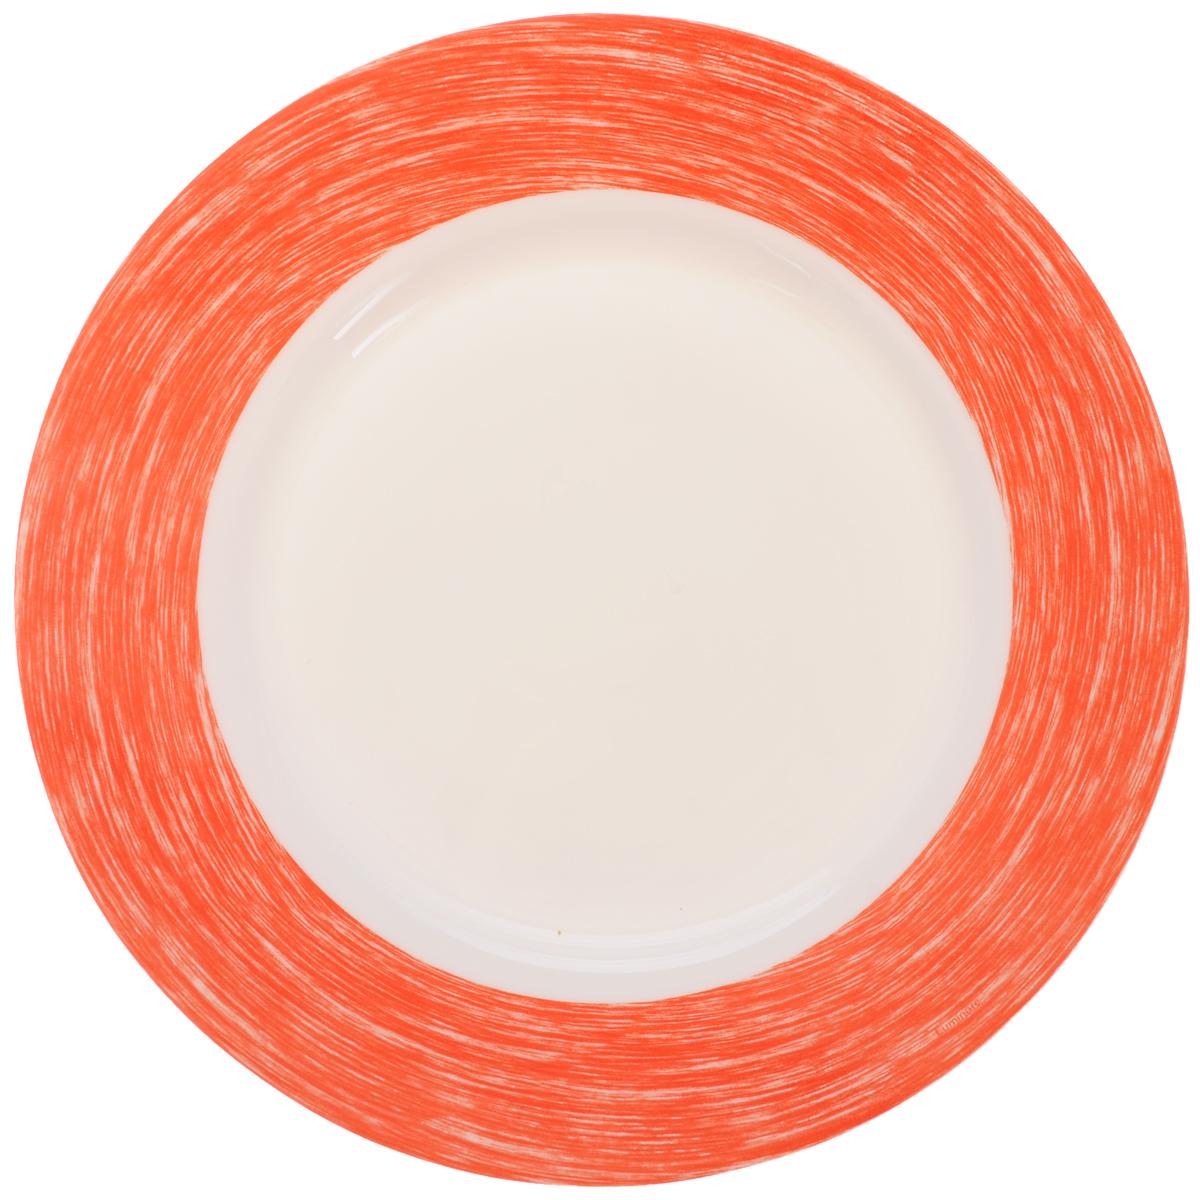 Тарелка обеденная Luminarc Color Days Red, диаметр 24 смL1525Обеденная тарелка Luminarc Color Days Red, изготовленная из высококачественного стекла, имеет изысканный внешний вид. Яркий дизайн придется по вкусу и ценителям классики, и тем, кто предпочитает утонченность. Тарелка Luminarc Color Days Red идеально подойдет для сервировки стола и станет отличным подарком к любому празднику. Диаметр (по верхнему краю): 24 см.